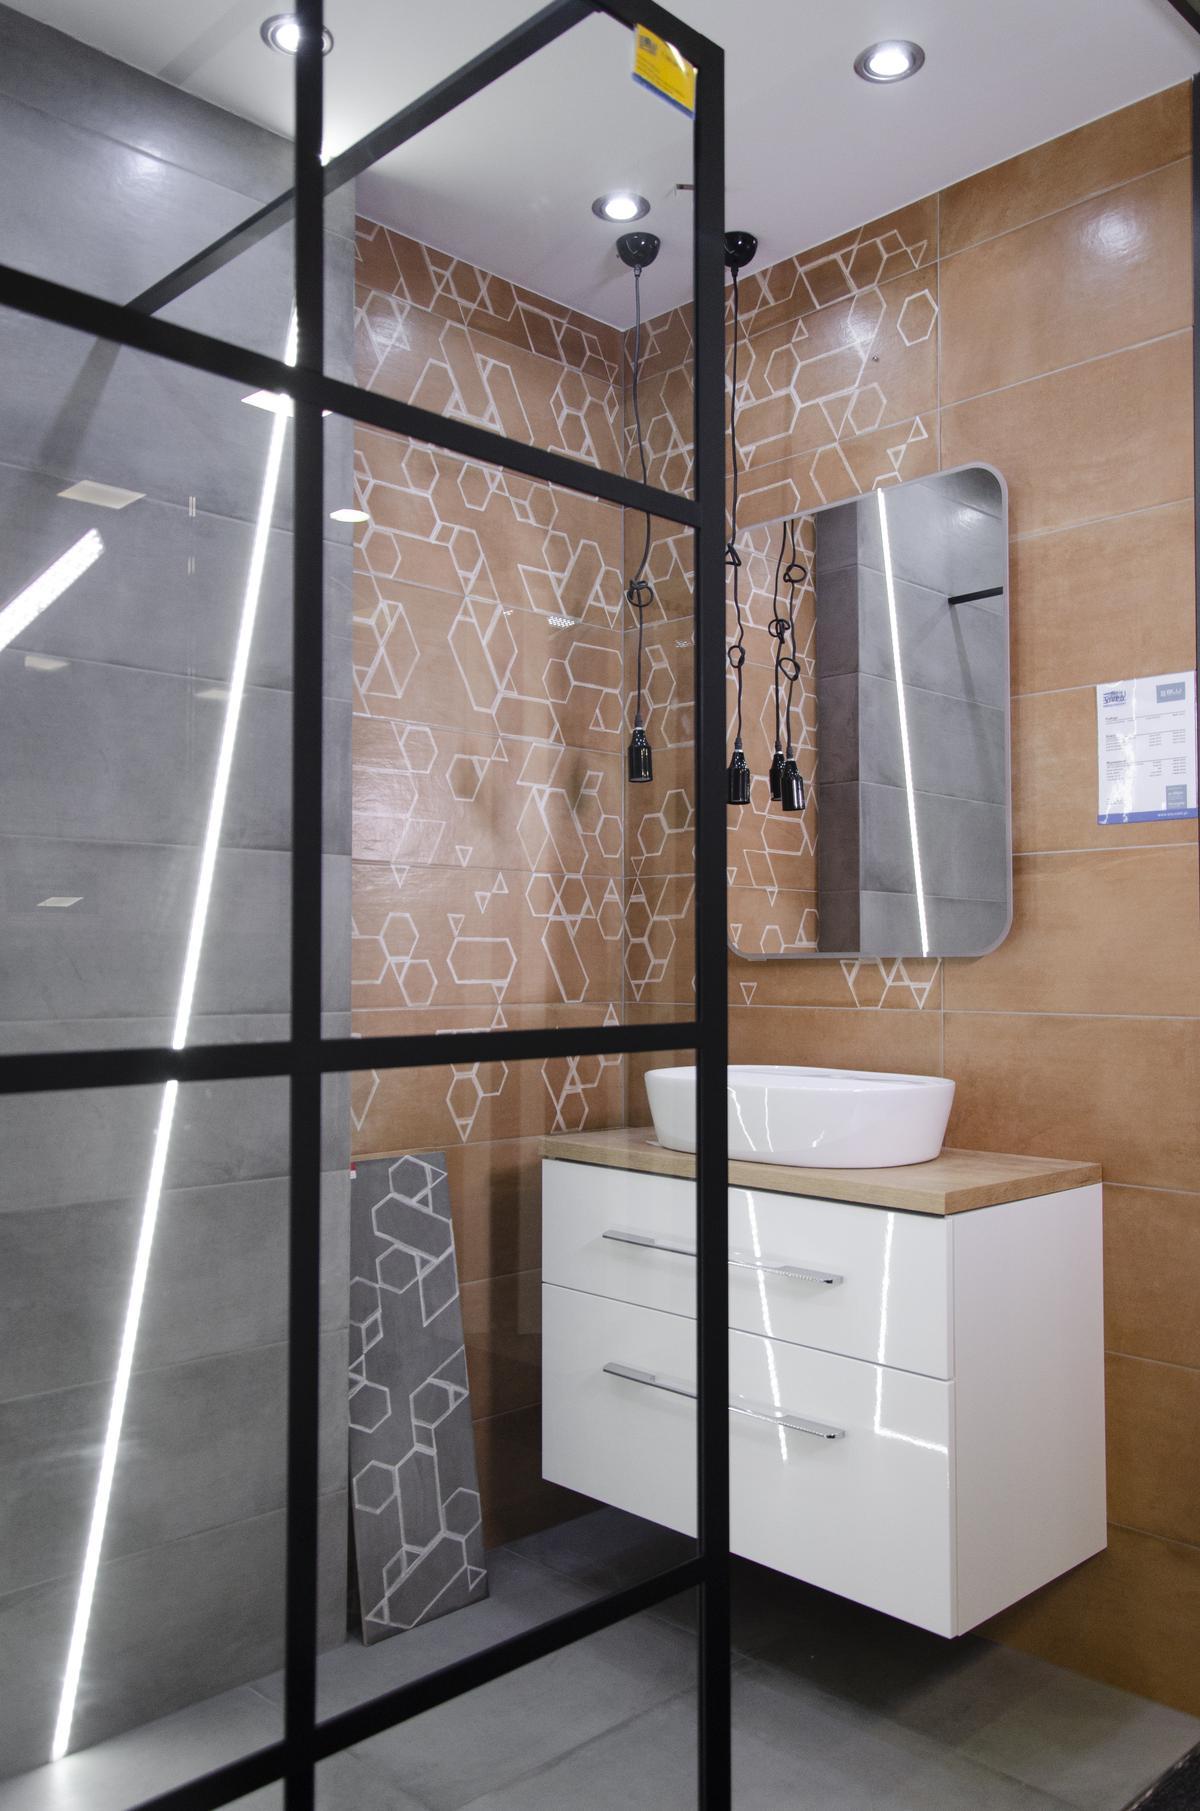 Aranżacja łazienki w stylu industrialnym z motywem cegły i betonu - zdjęcie od BLU salon łazienek Koszalin